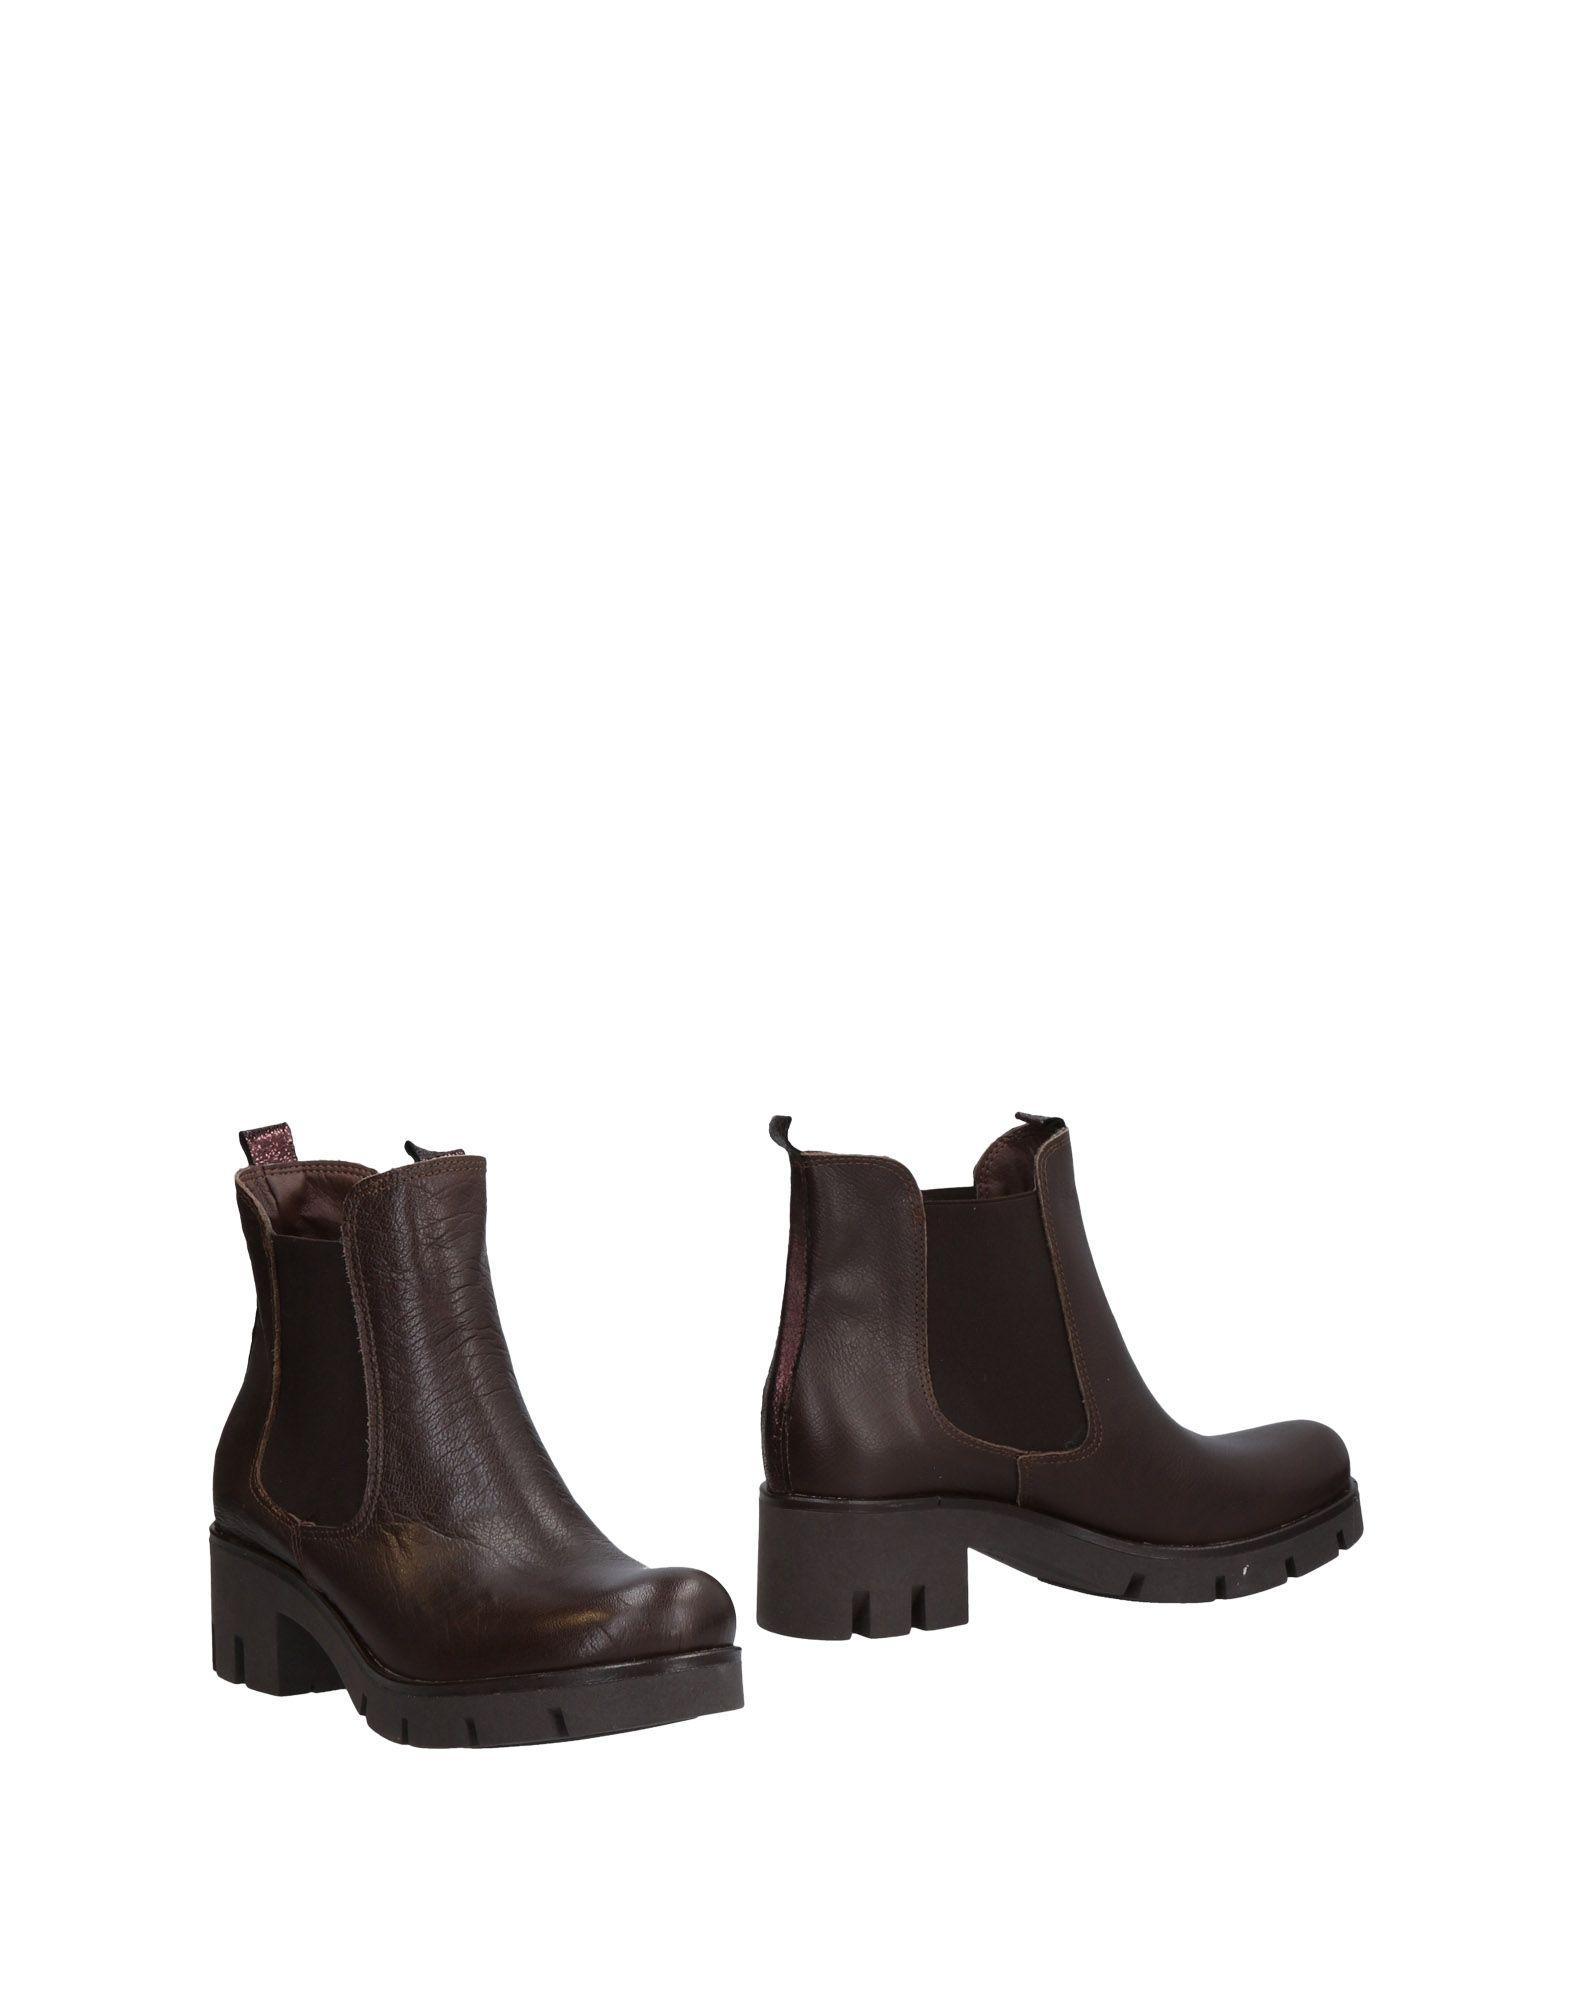 GENEVE Полусапоги и высокие ботинки rochas полусапоги и высокие ботинки